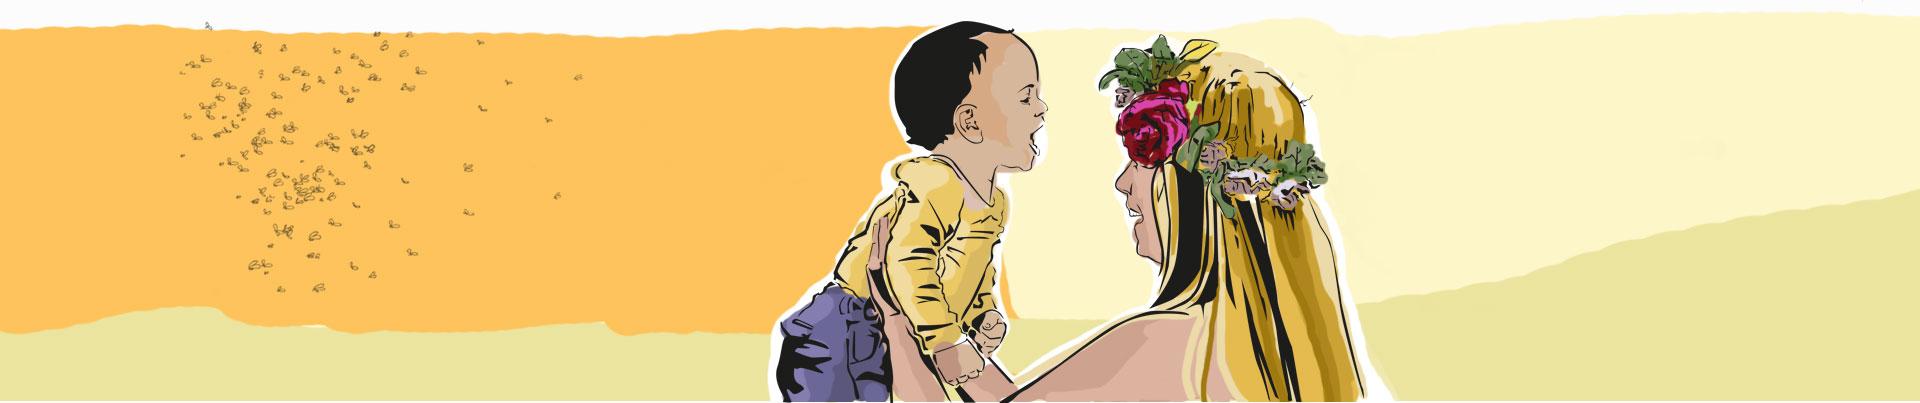 Mãe e filho se divertem ao ar livre